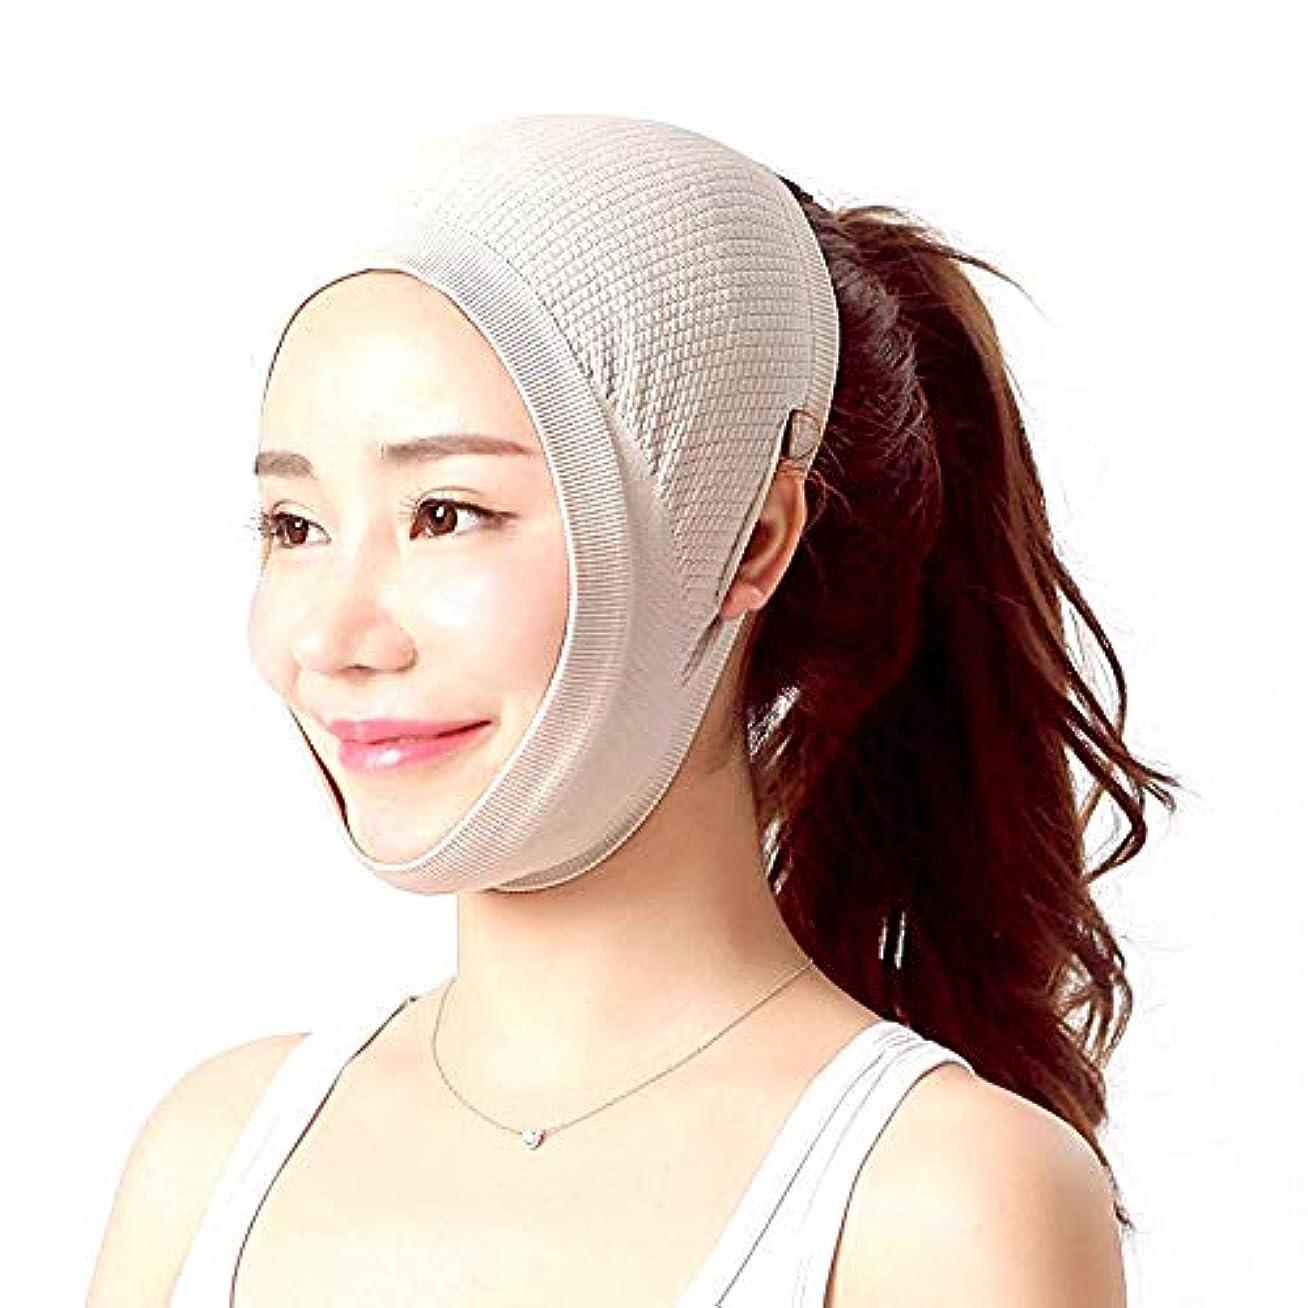 スピーチ抵当野心的フェイスリフティングアーティファクト包帯ライン術後回復包帯リフティングフェイスフードVフェイス包帯リフティングVフェイス美容マスク - 肌のトーン